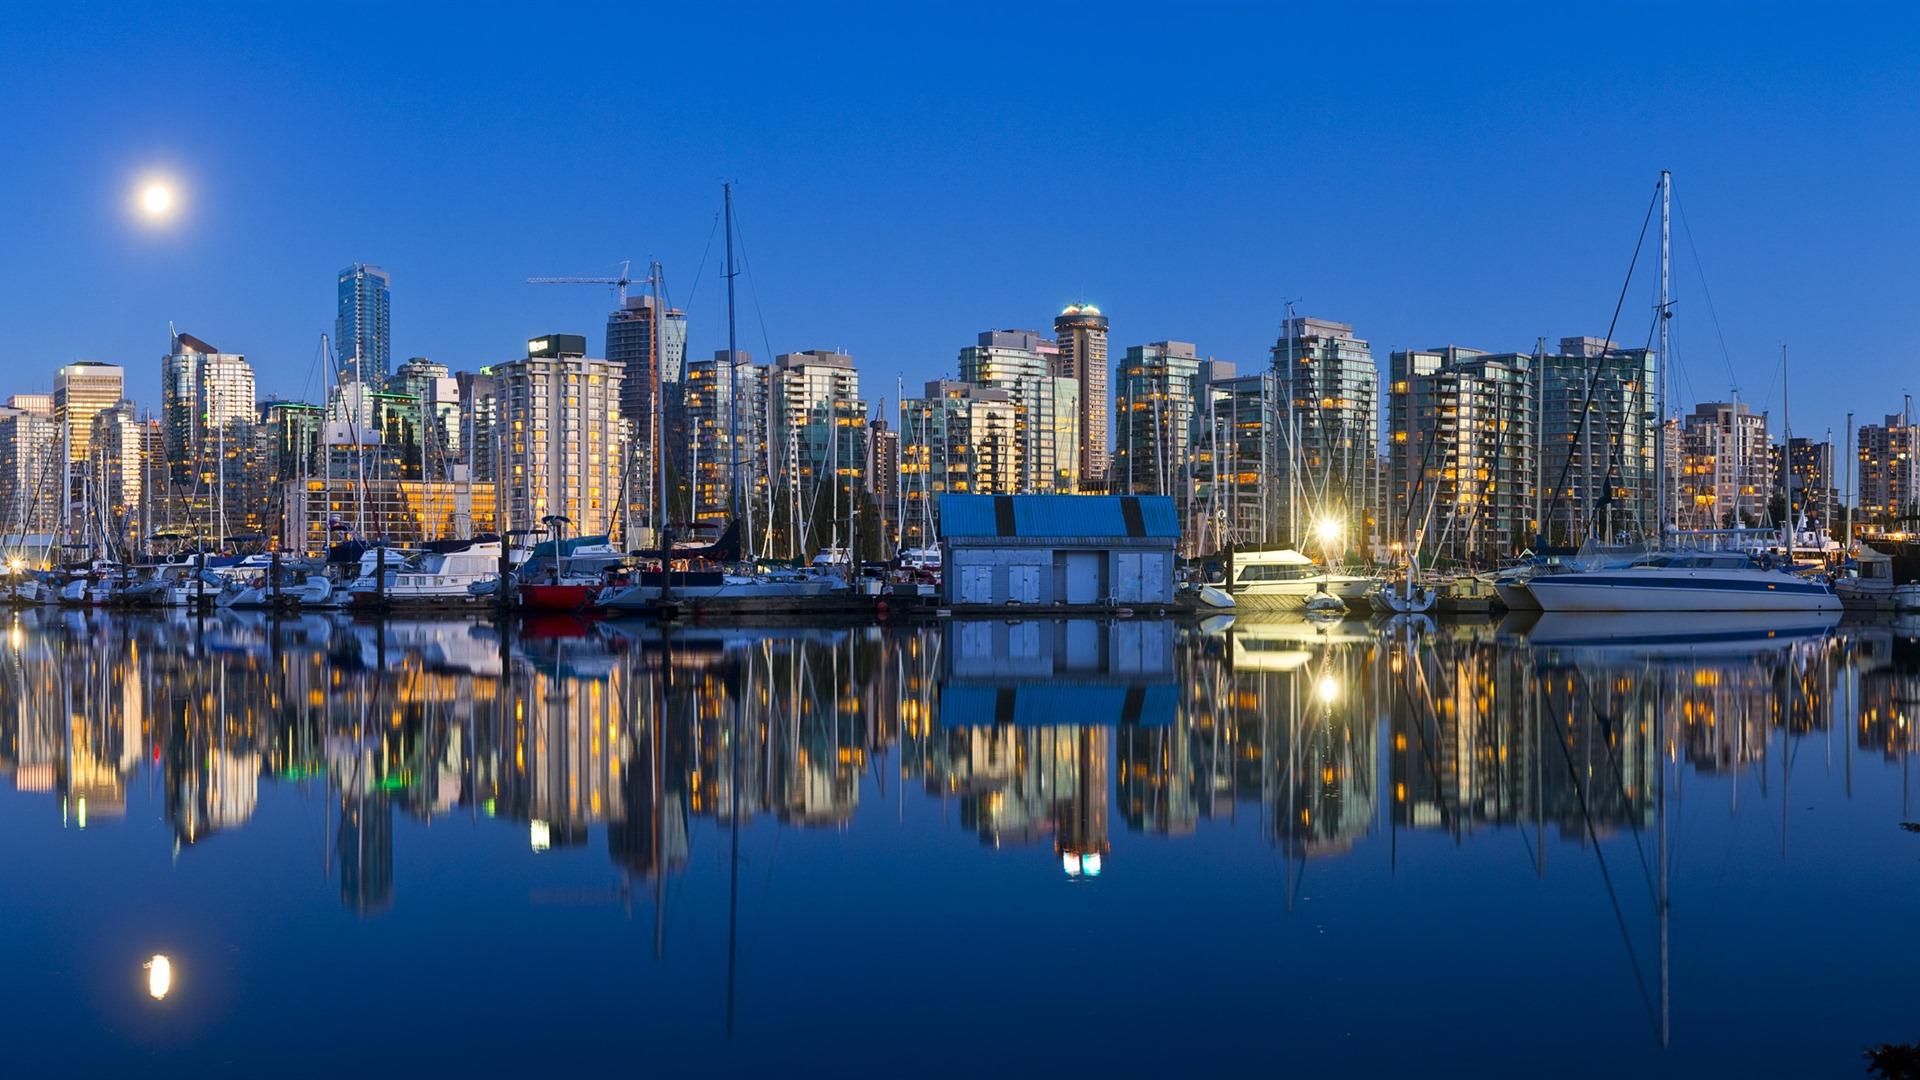 Windows 8 fond d 39 cran officiel panoramique paysage urbain pont horizo - Definition de panoramique ...